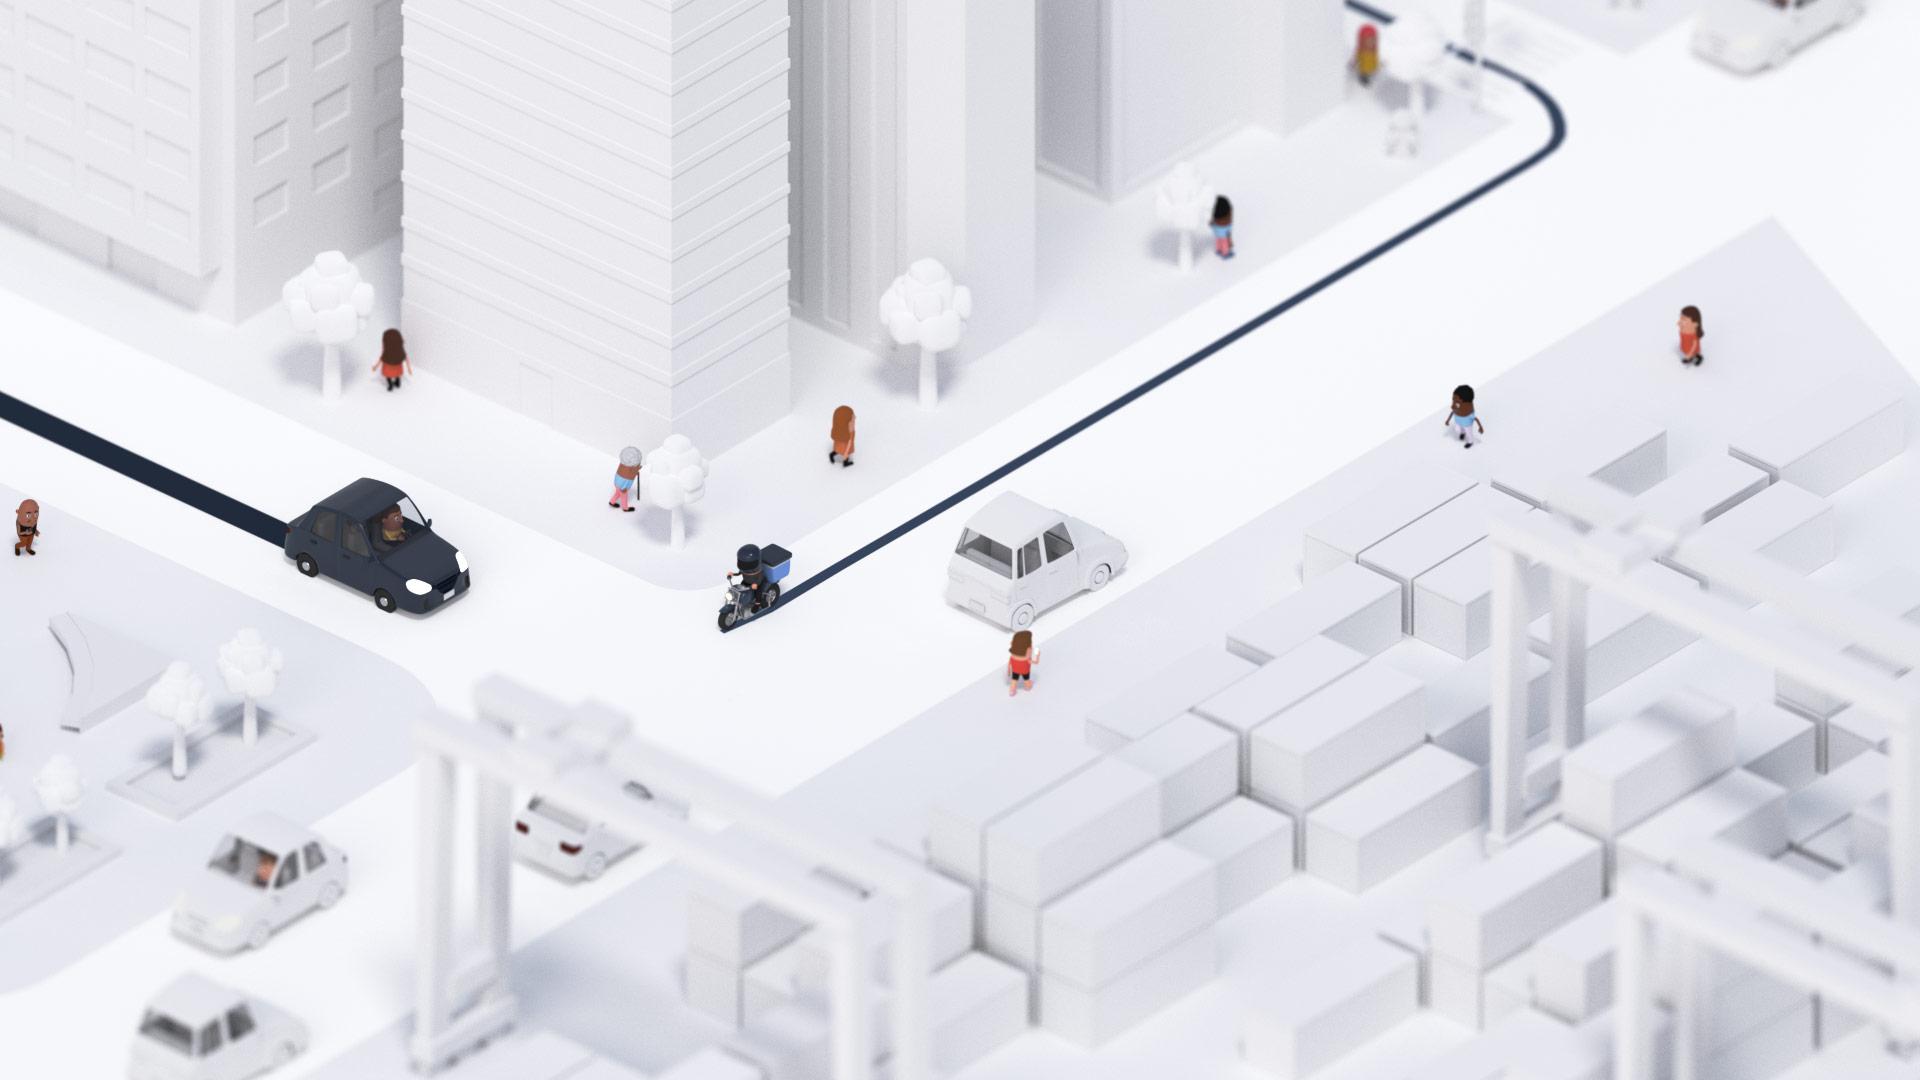 Entregadores se deslocando pela cidade